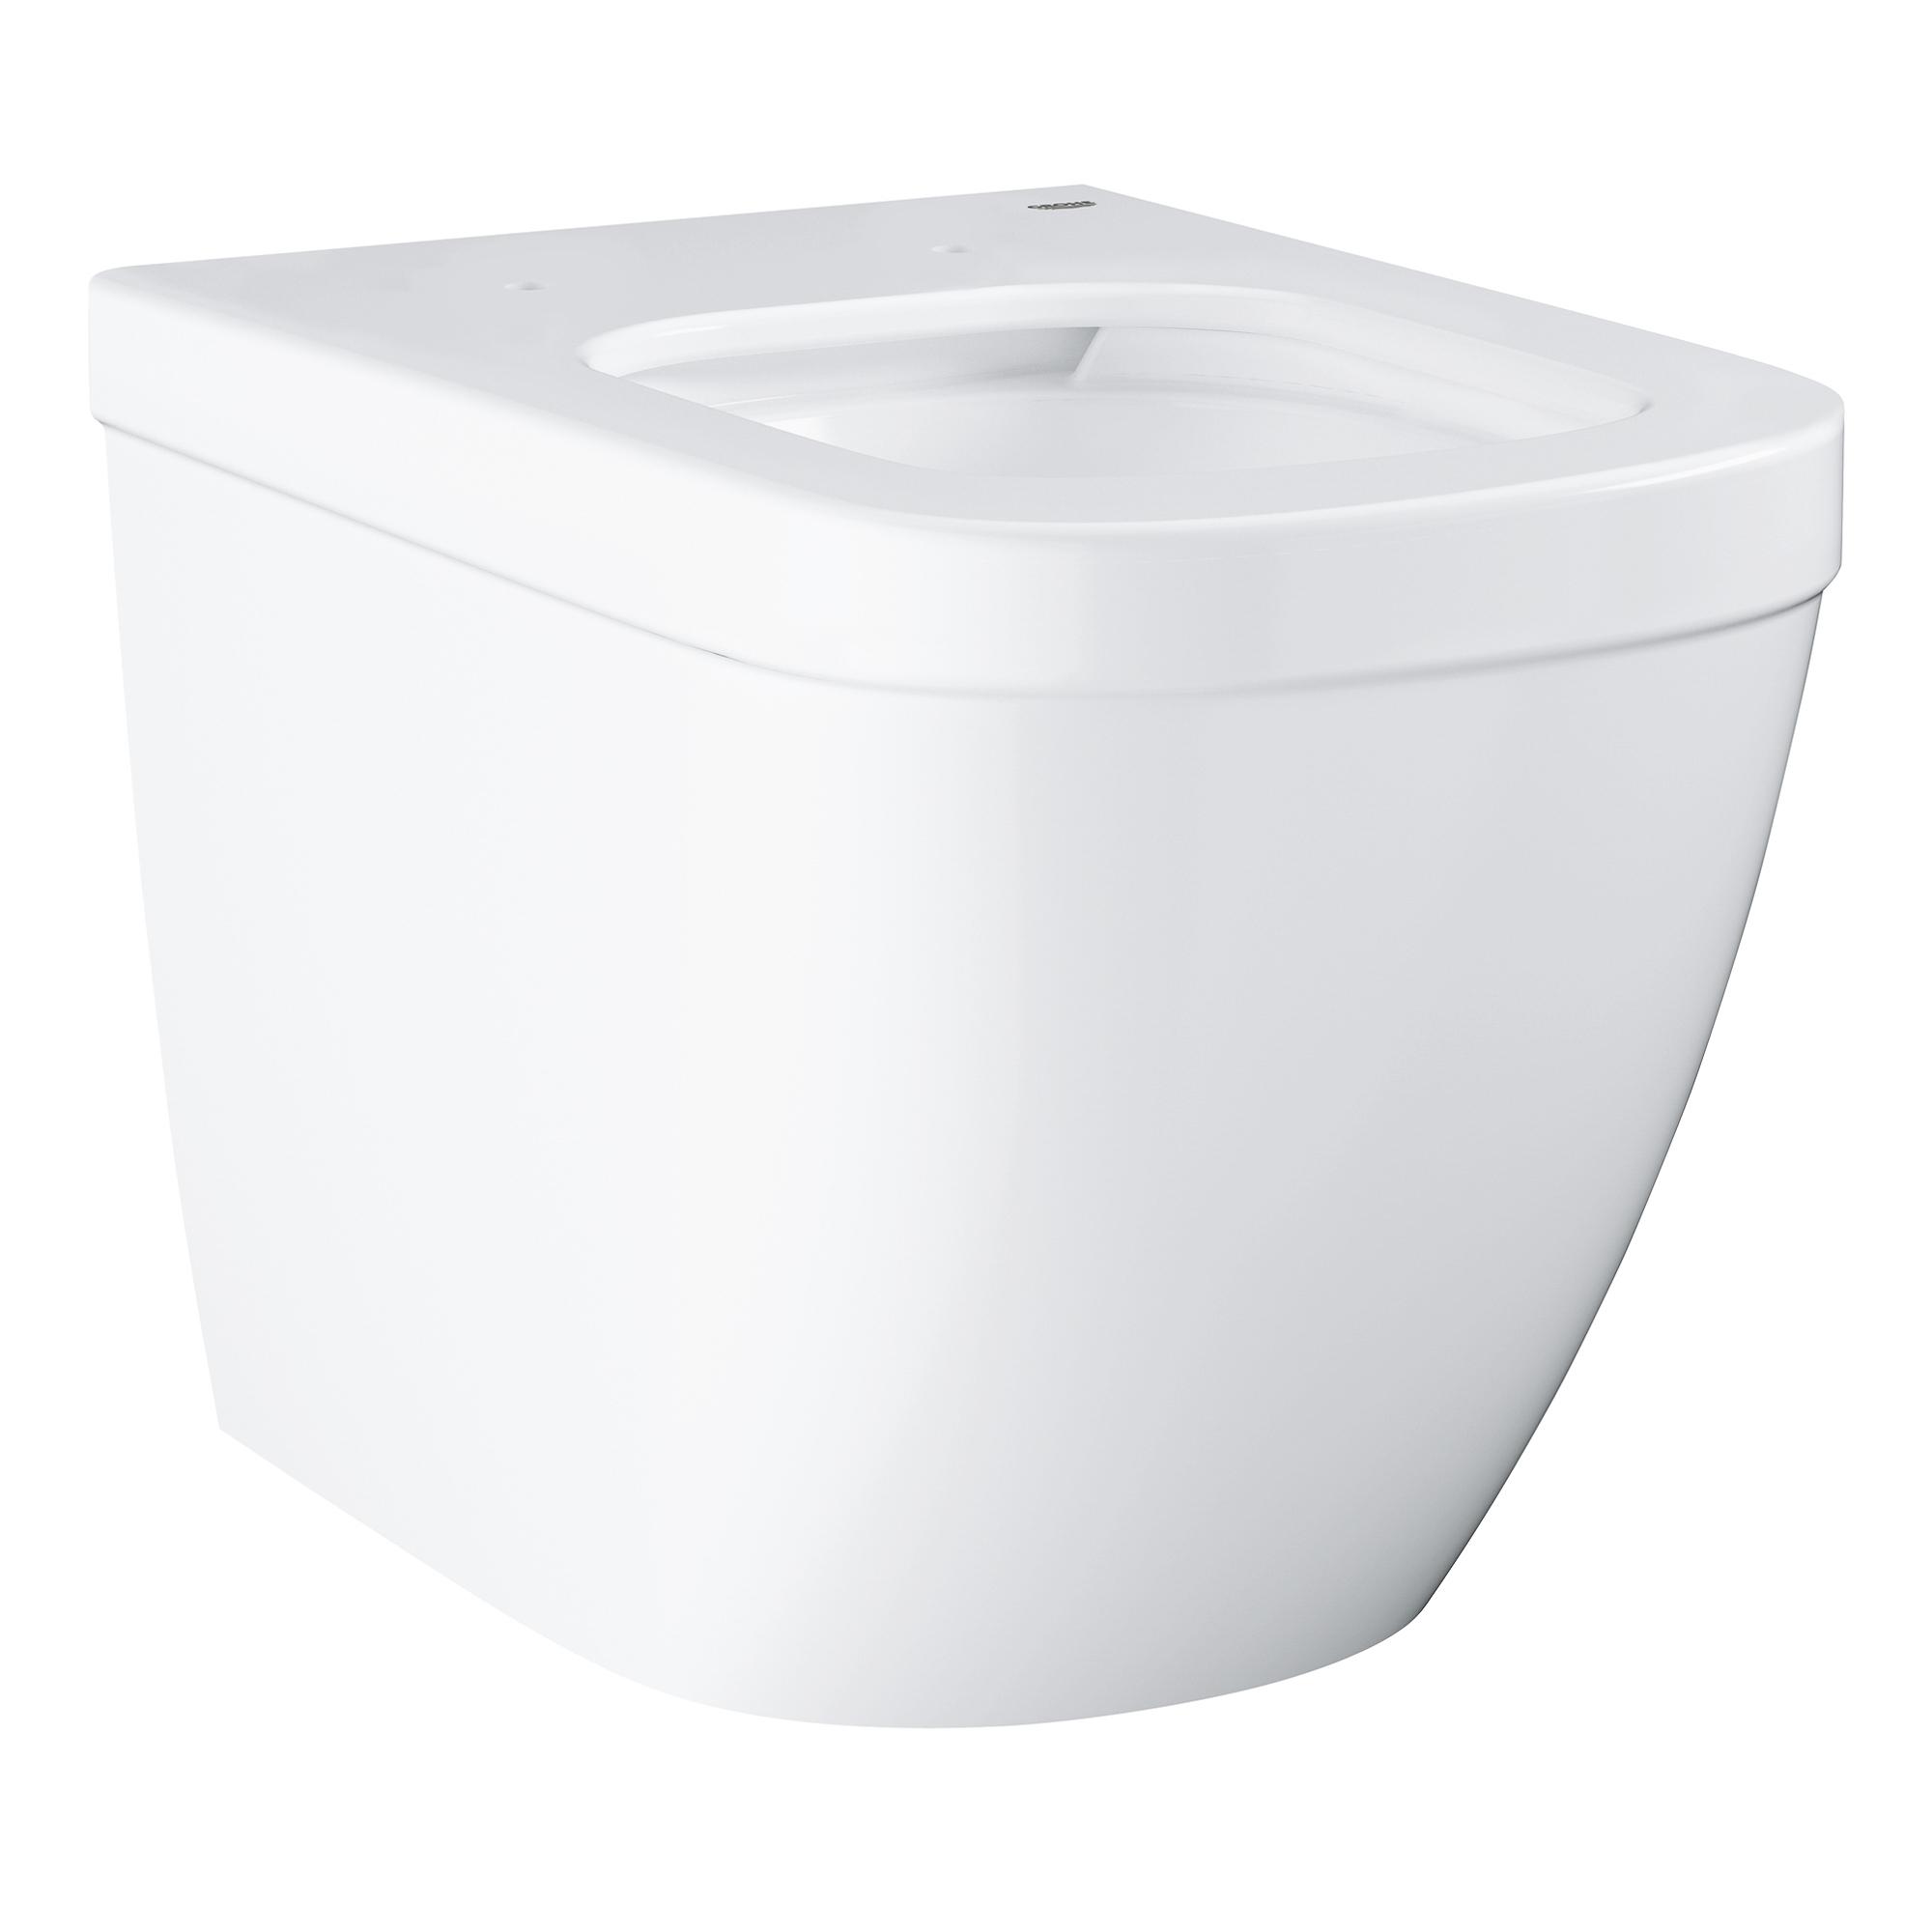 Купить Напольный приставной безободковый унитаз GROHE Euro Ceramic (без сиденья), альпин-белый (39339000), Унитазы напольные, Вьетнам, сантехнический фарфор